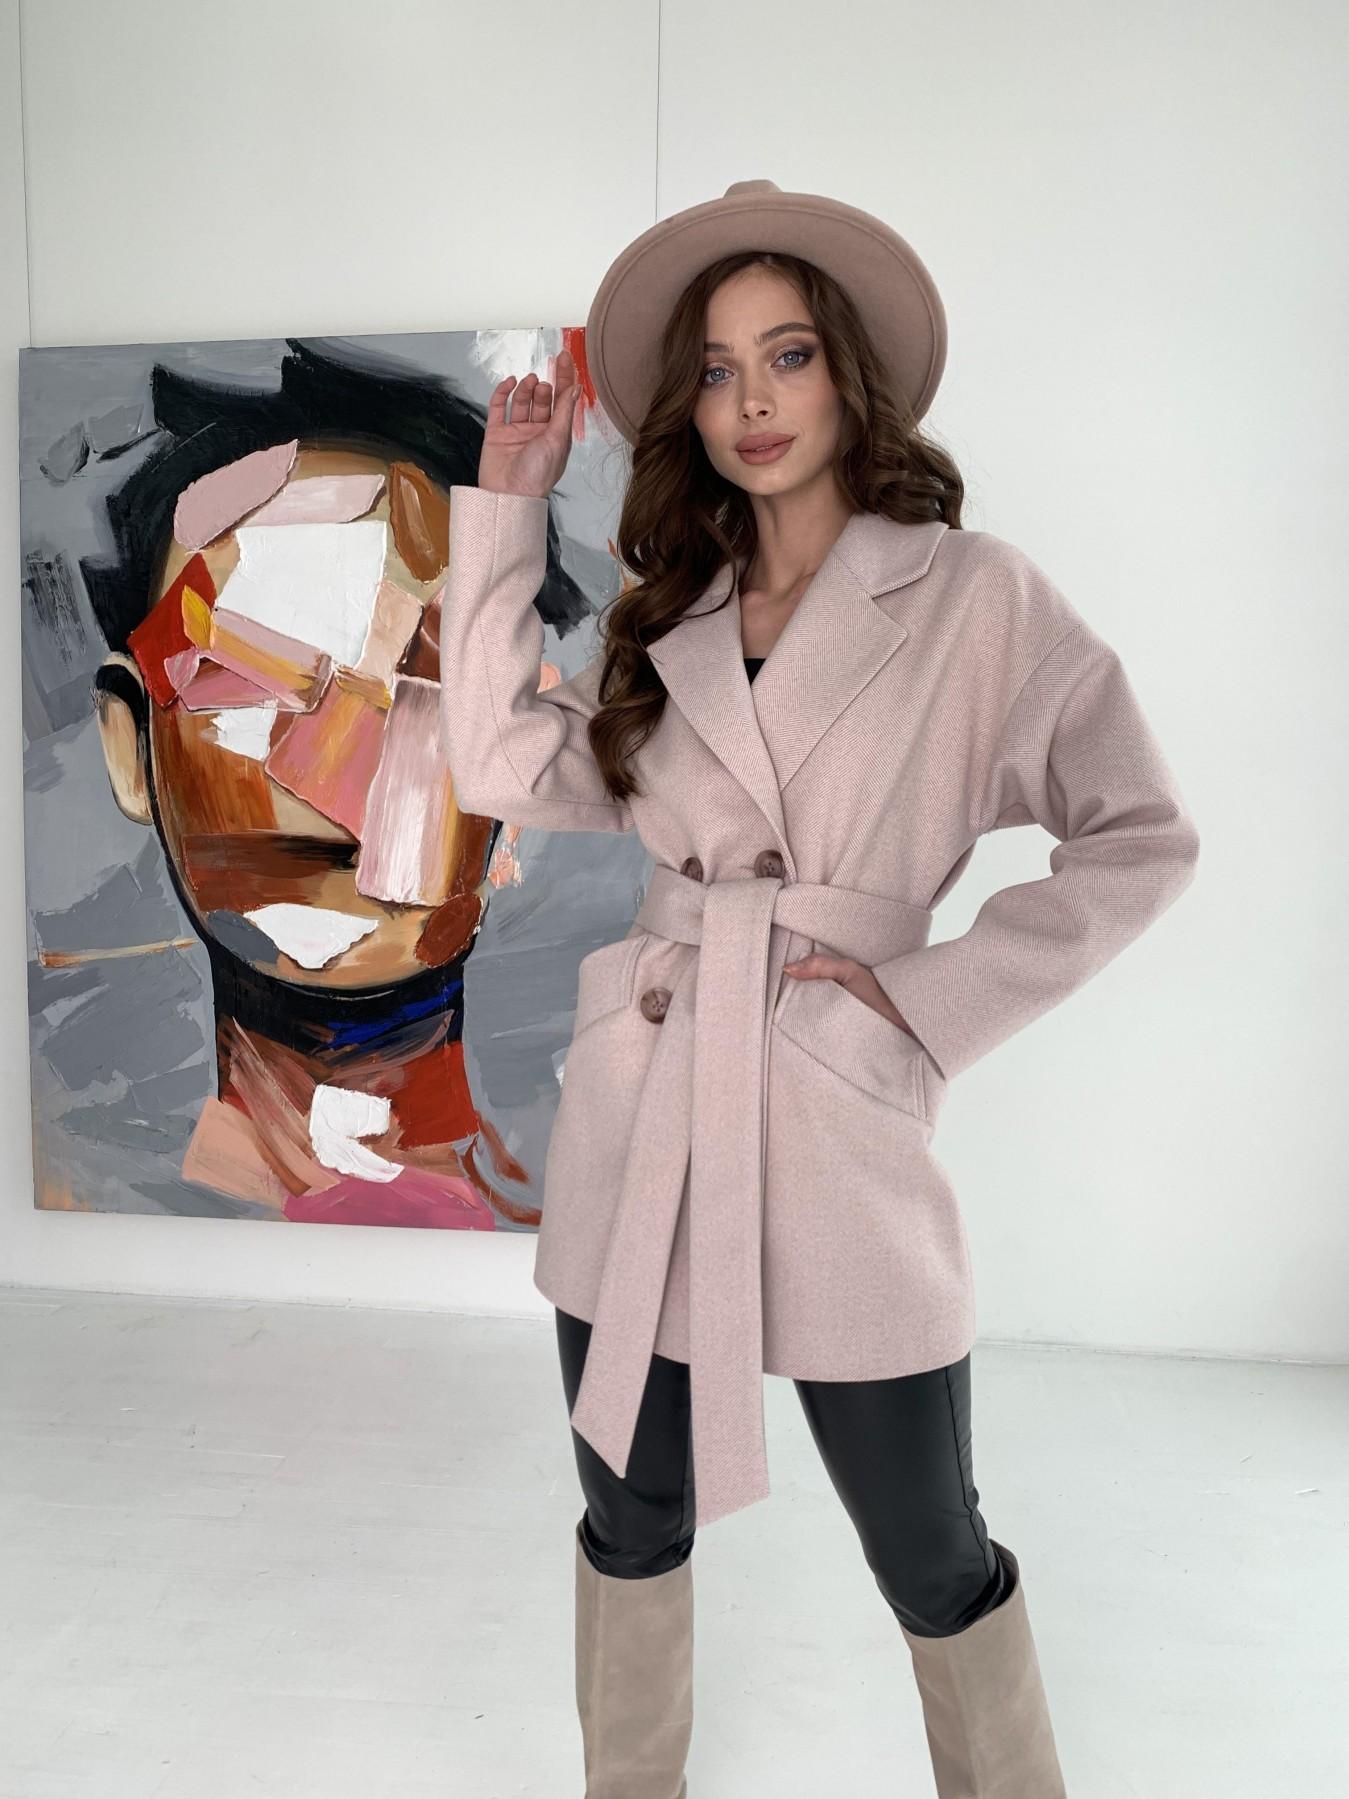 Бонд пальто из пальтовой ткани в мелкую елочку 10640 АРТ. 47007 Цвет: Пудра - фото 6, интернет магазин tm-modus.ru